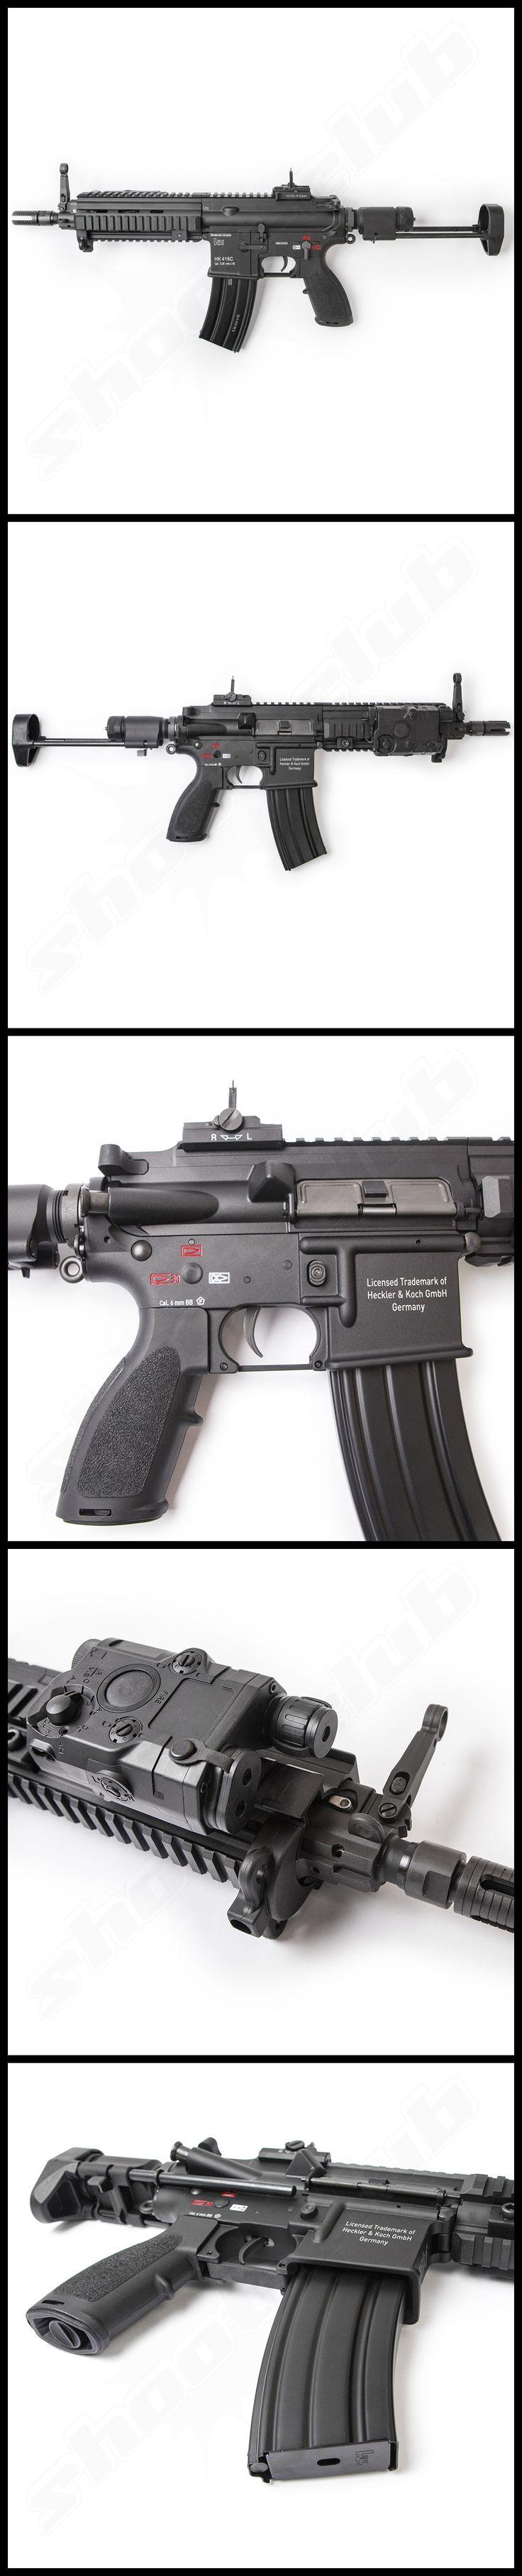 VFC Heckler und Koch HK416 C Next Gen. mit Mosfet SAEG Softair Gewehr LiPo Redy   #shootclub #airsoft #softair